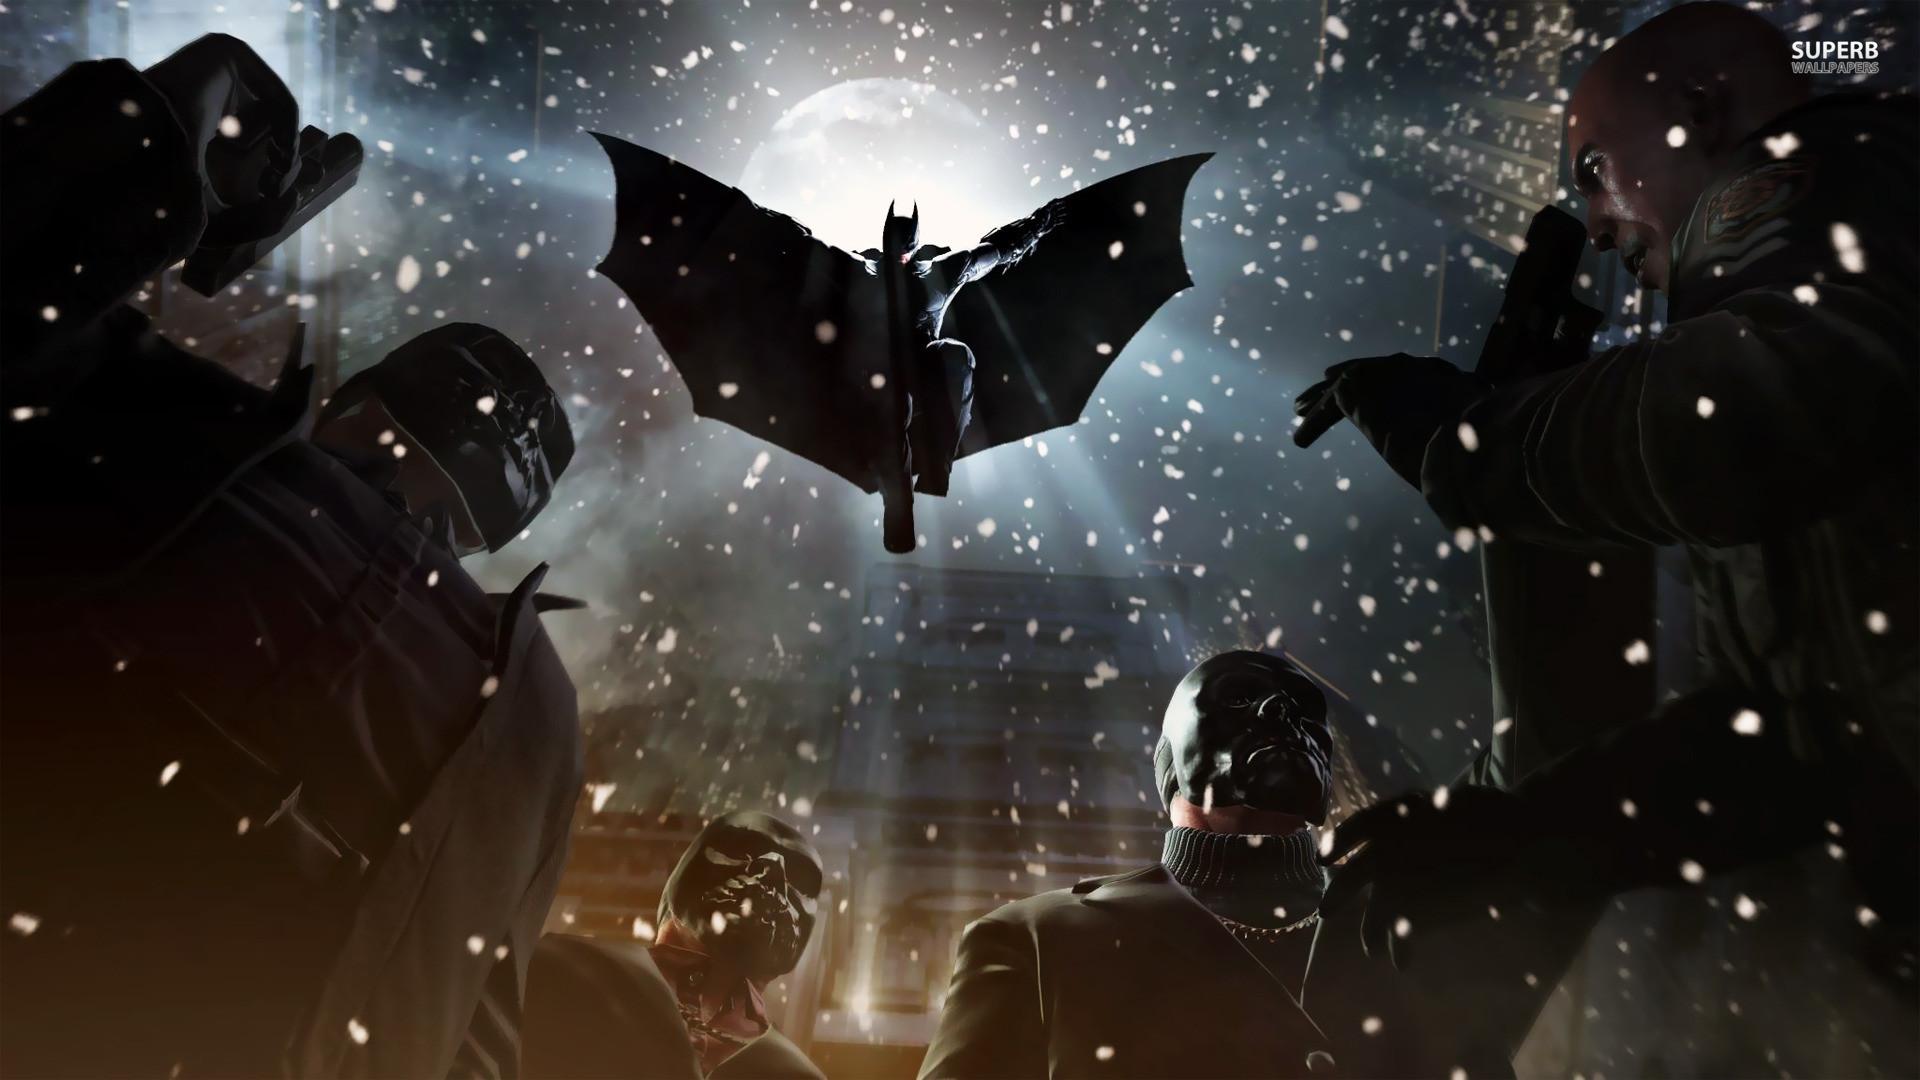 Batman 2013 Arkham Origins Game HD Wallpaper | Game HD Wallpaper | Hd game  wallpaper | Pinterest | Batman, Hd wallpaper and Batman arkham origins